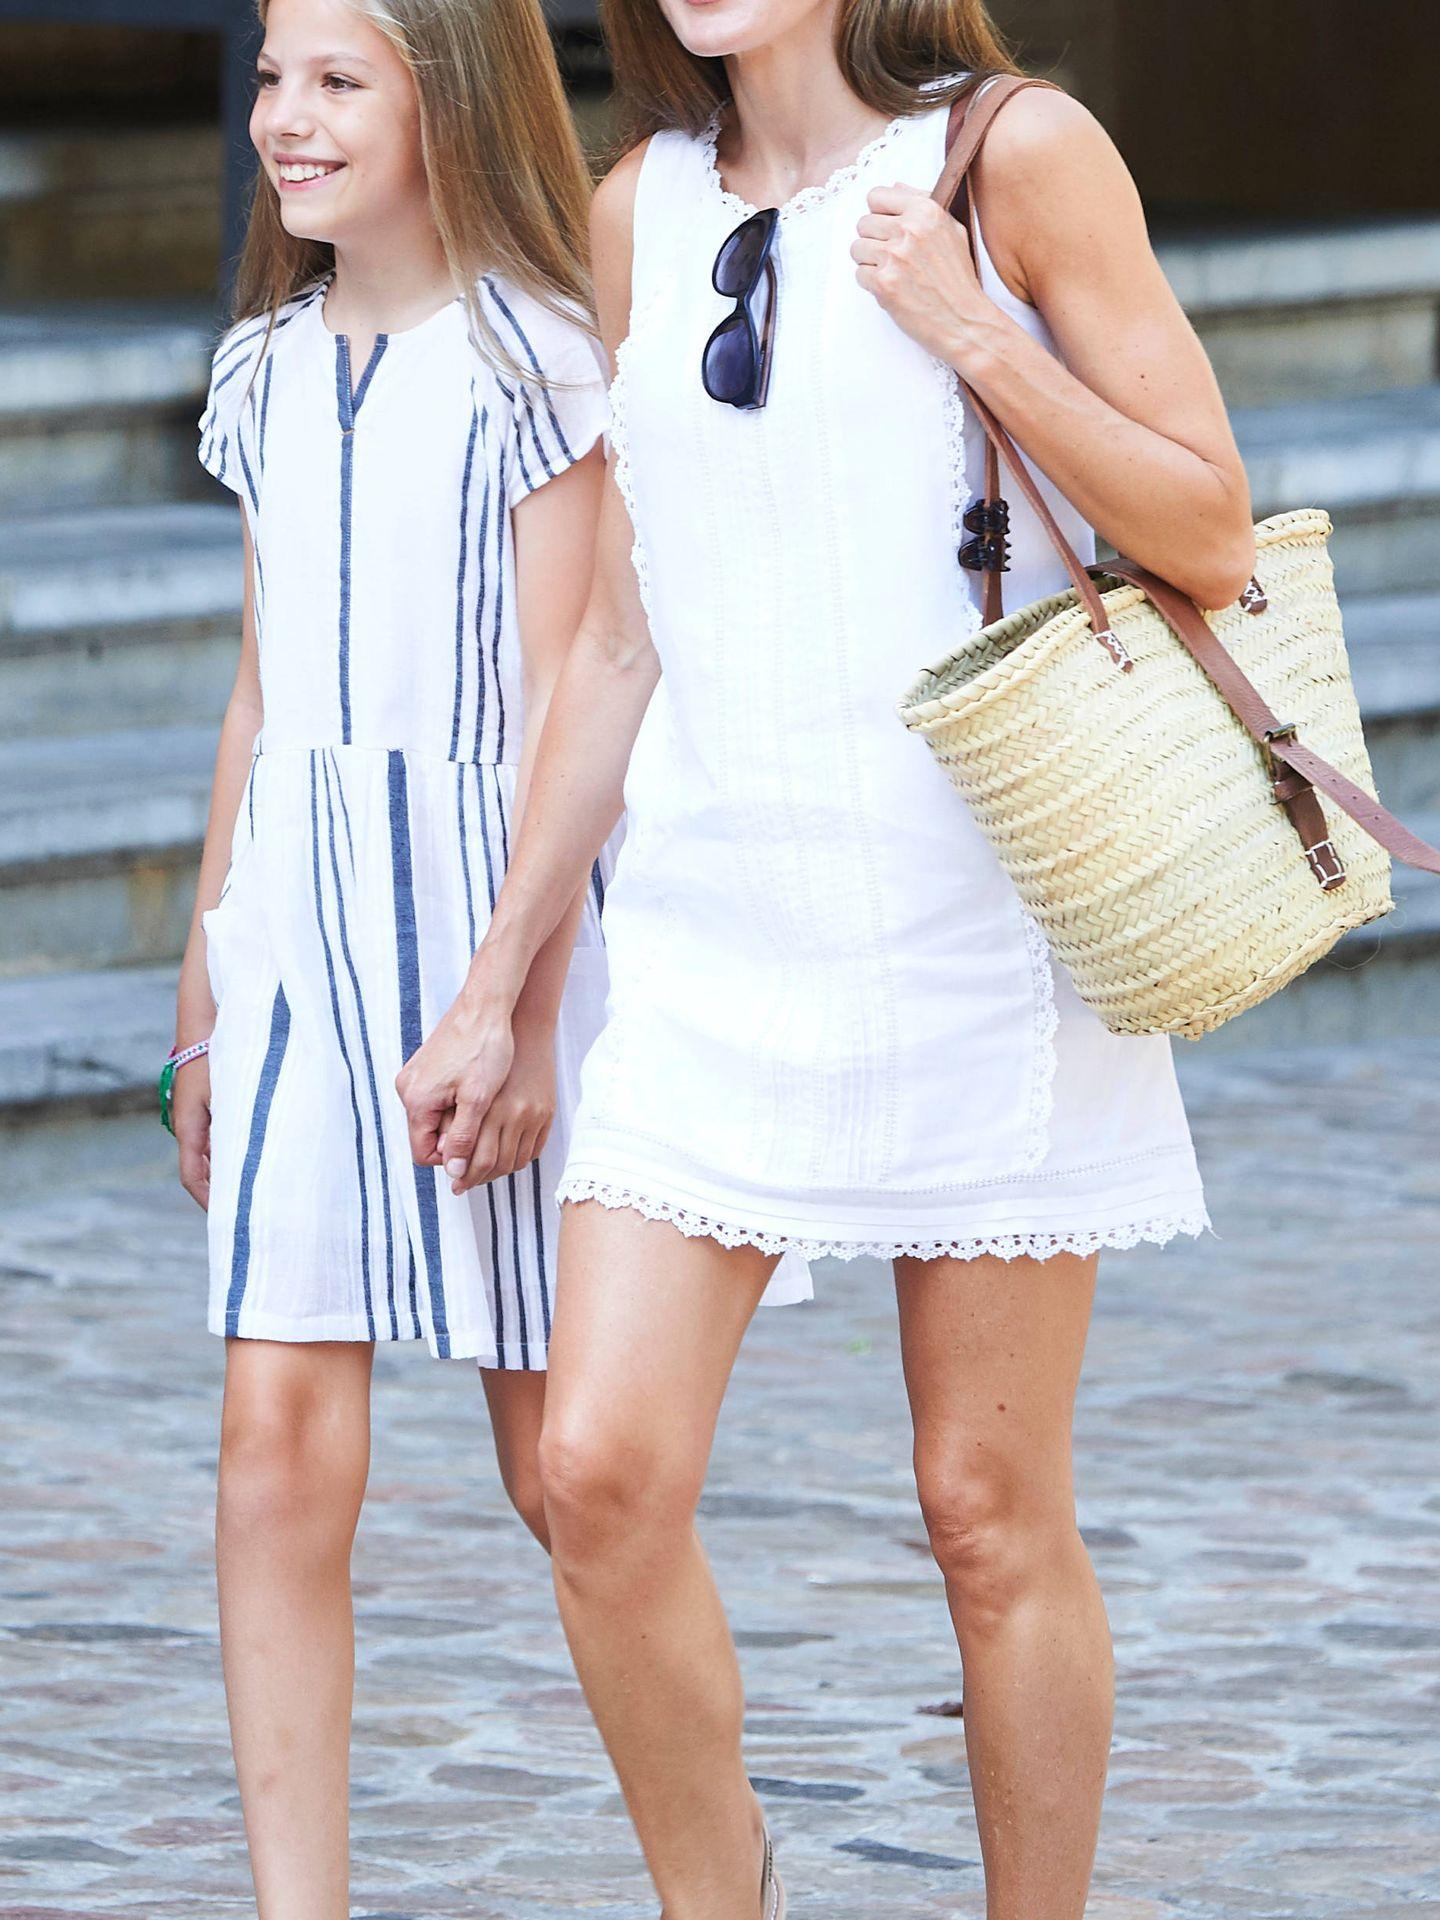 La reina Letizia, paseando por las calles de Mallorca el verano pasado junto a su hija, la princesa Sofía. (Limited Pictures)